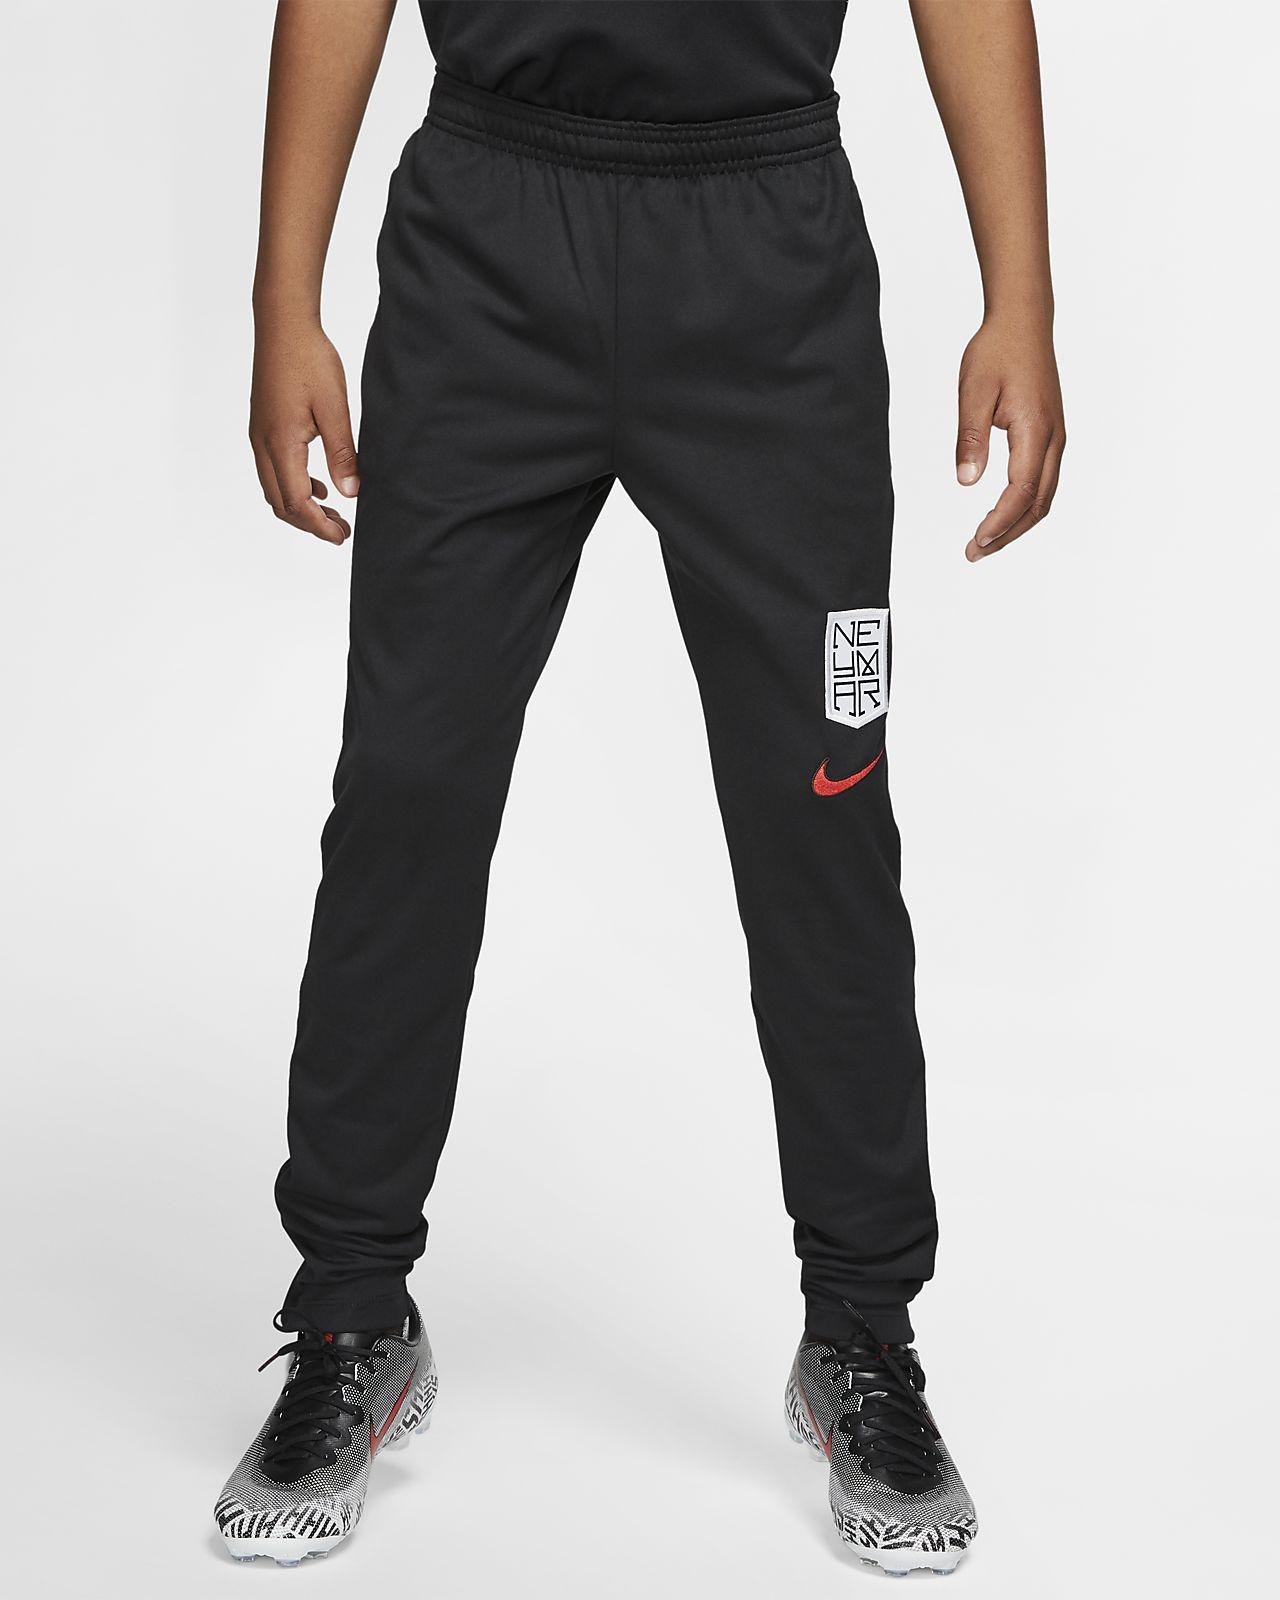 Ποδοσφαιρικό παντελόνι Nike Dri-FIT Neymar Jr. για μεγάλα παιδιά